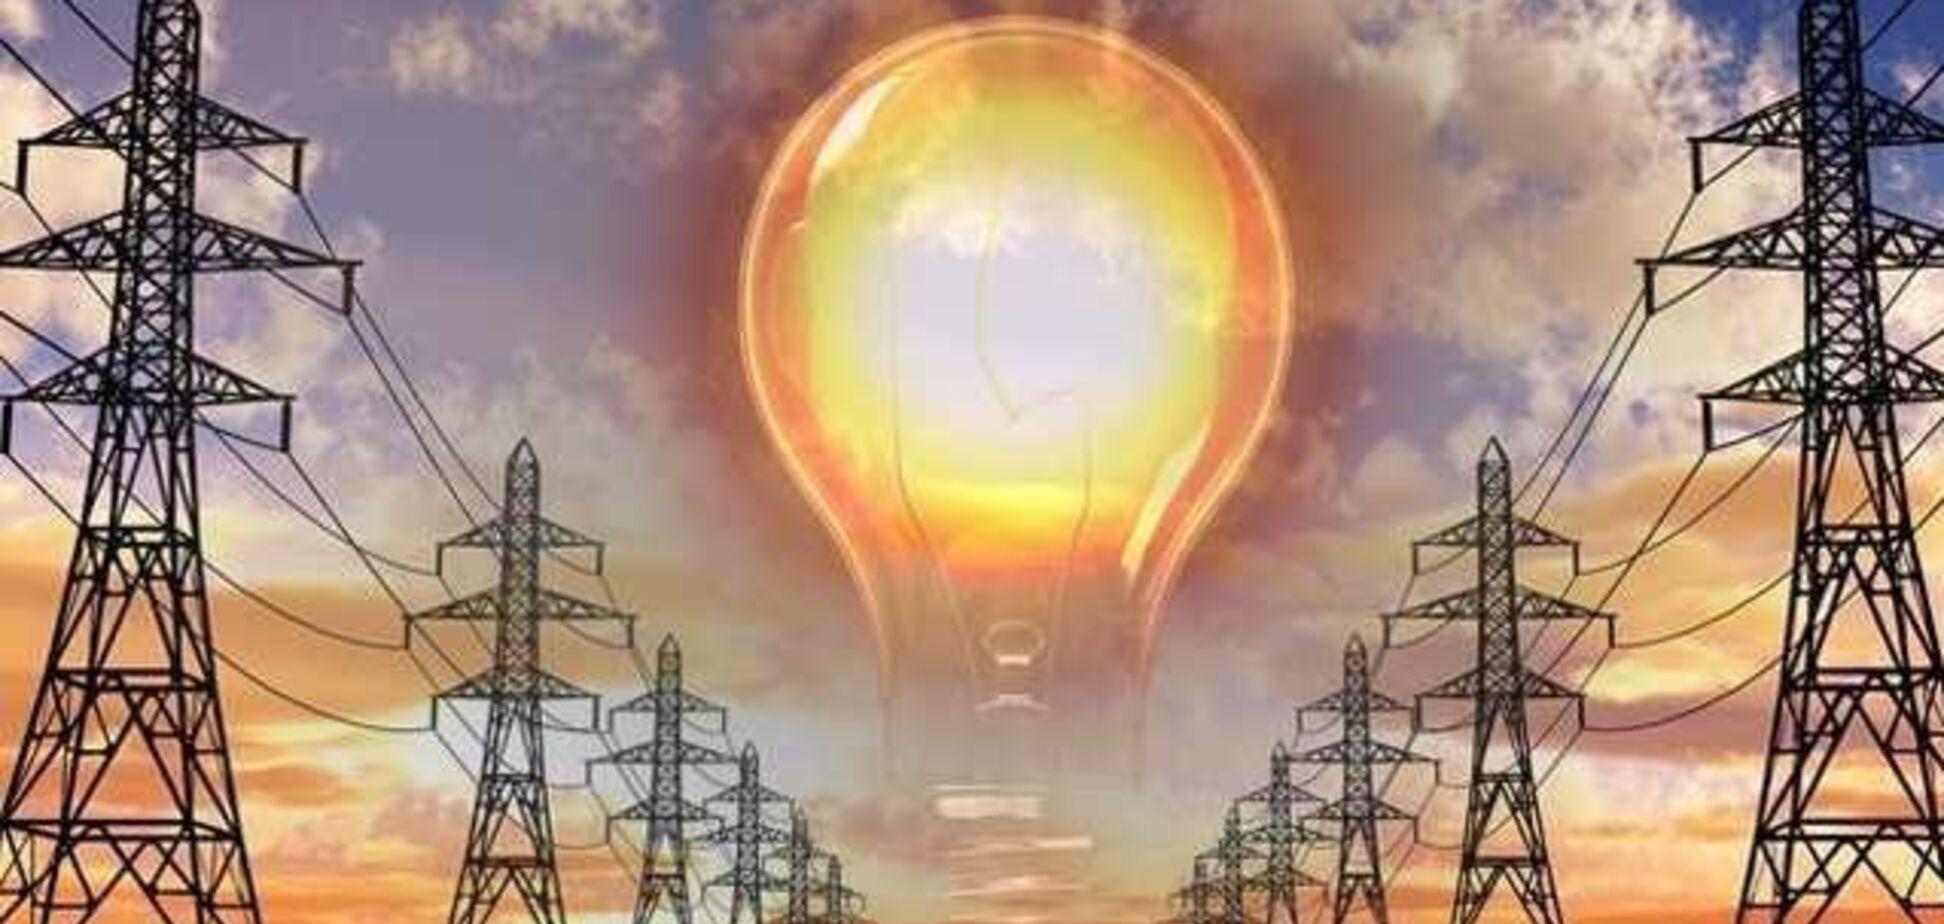 Імпорт електроенергії з Росії став однією з причин кризи в енергетиці України – Міненергоприроди